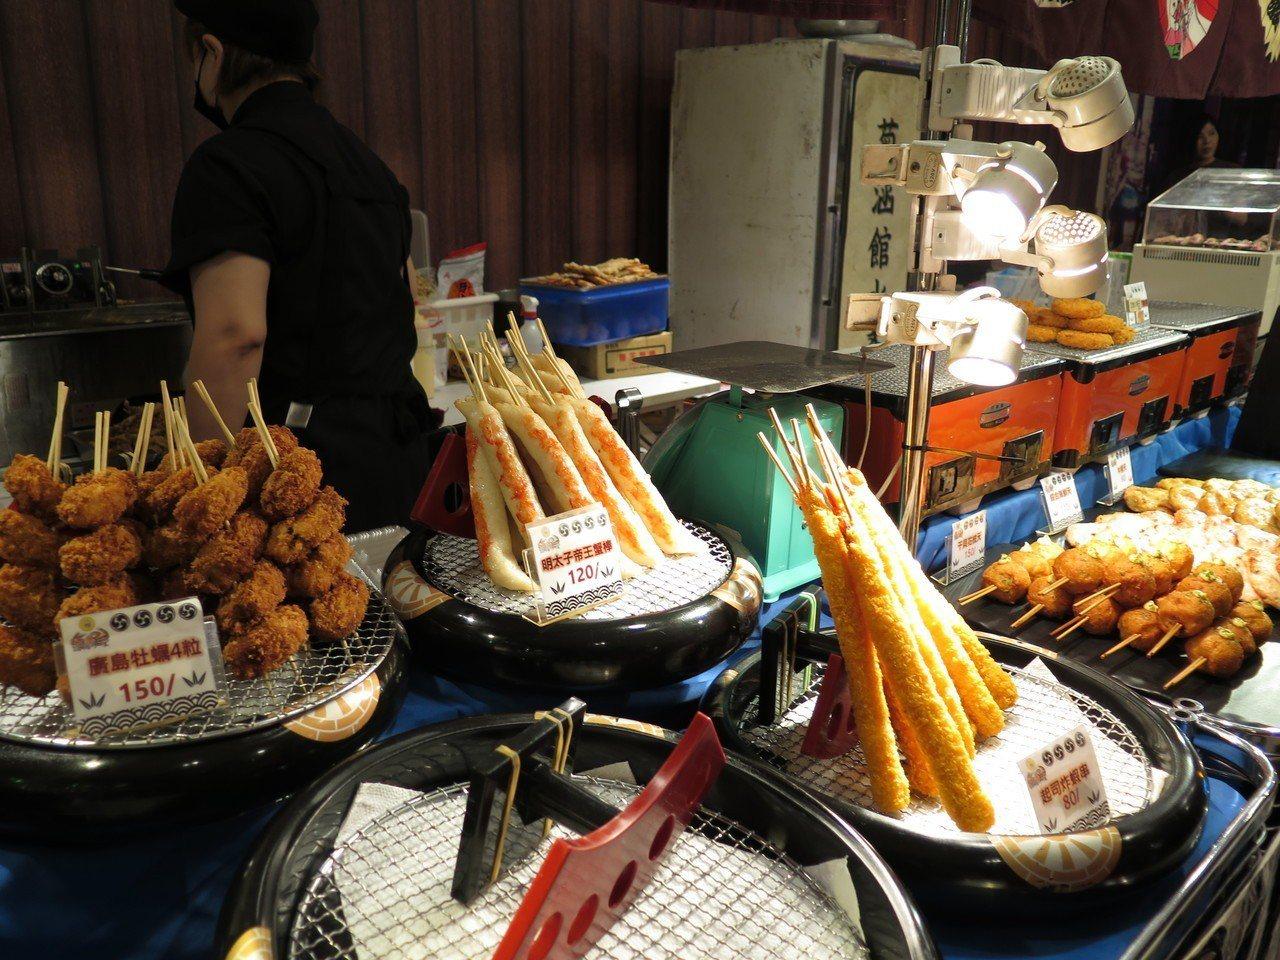 日本物產展頂級現烤串燒區還有海鮮與干貝花枝天婦羅、可樂餅等點心,道道紮實美味。記...